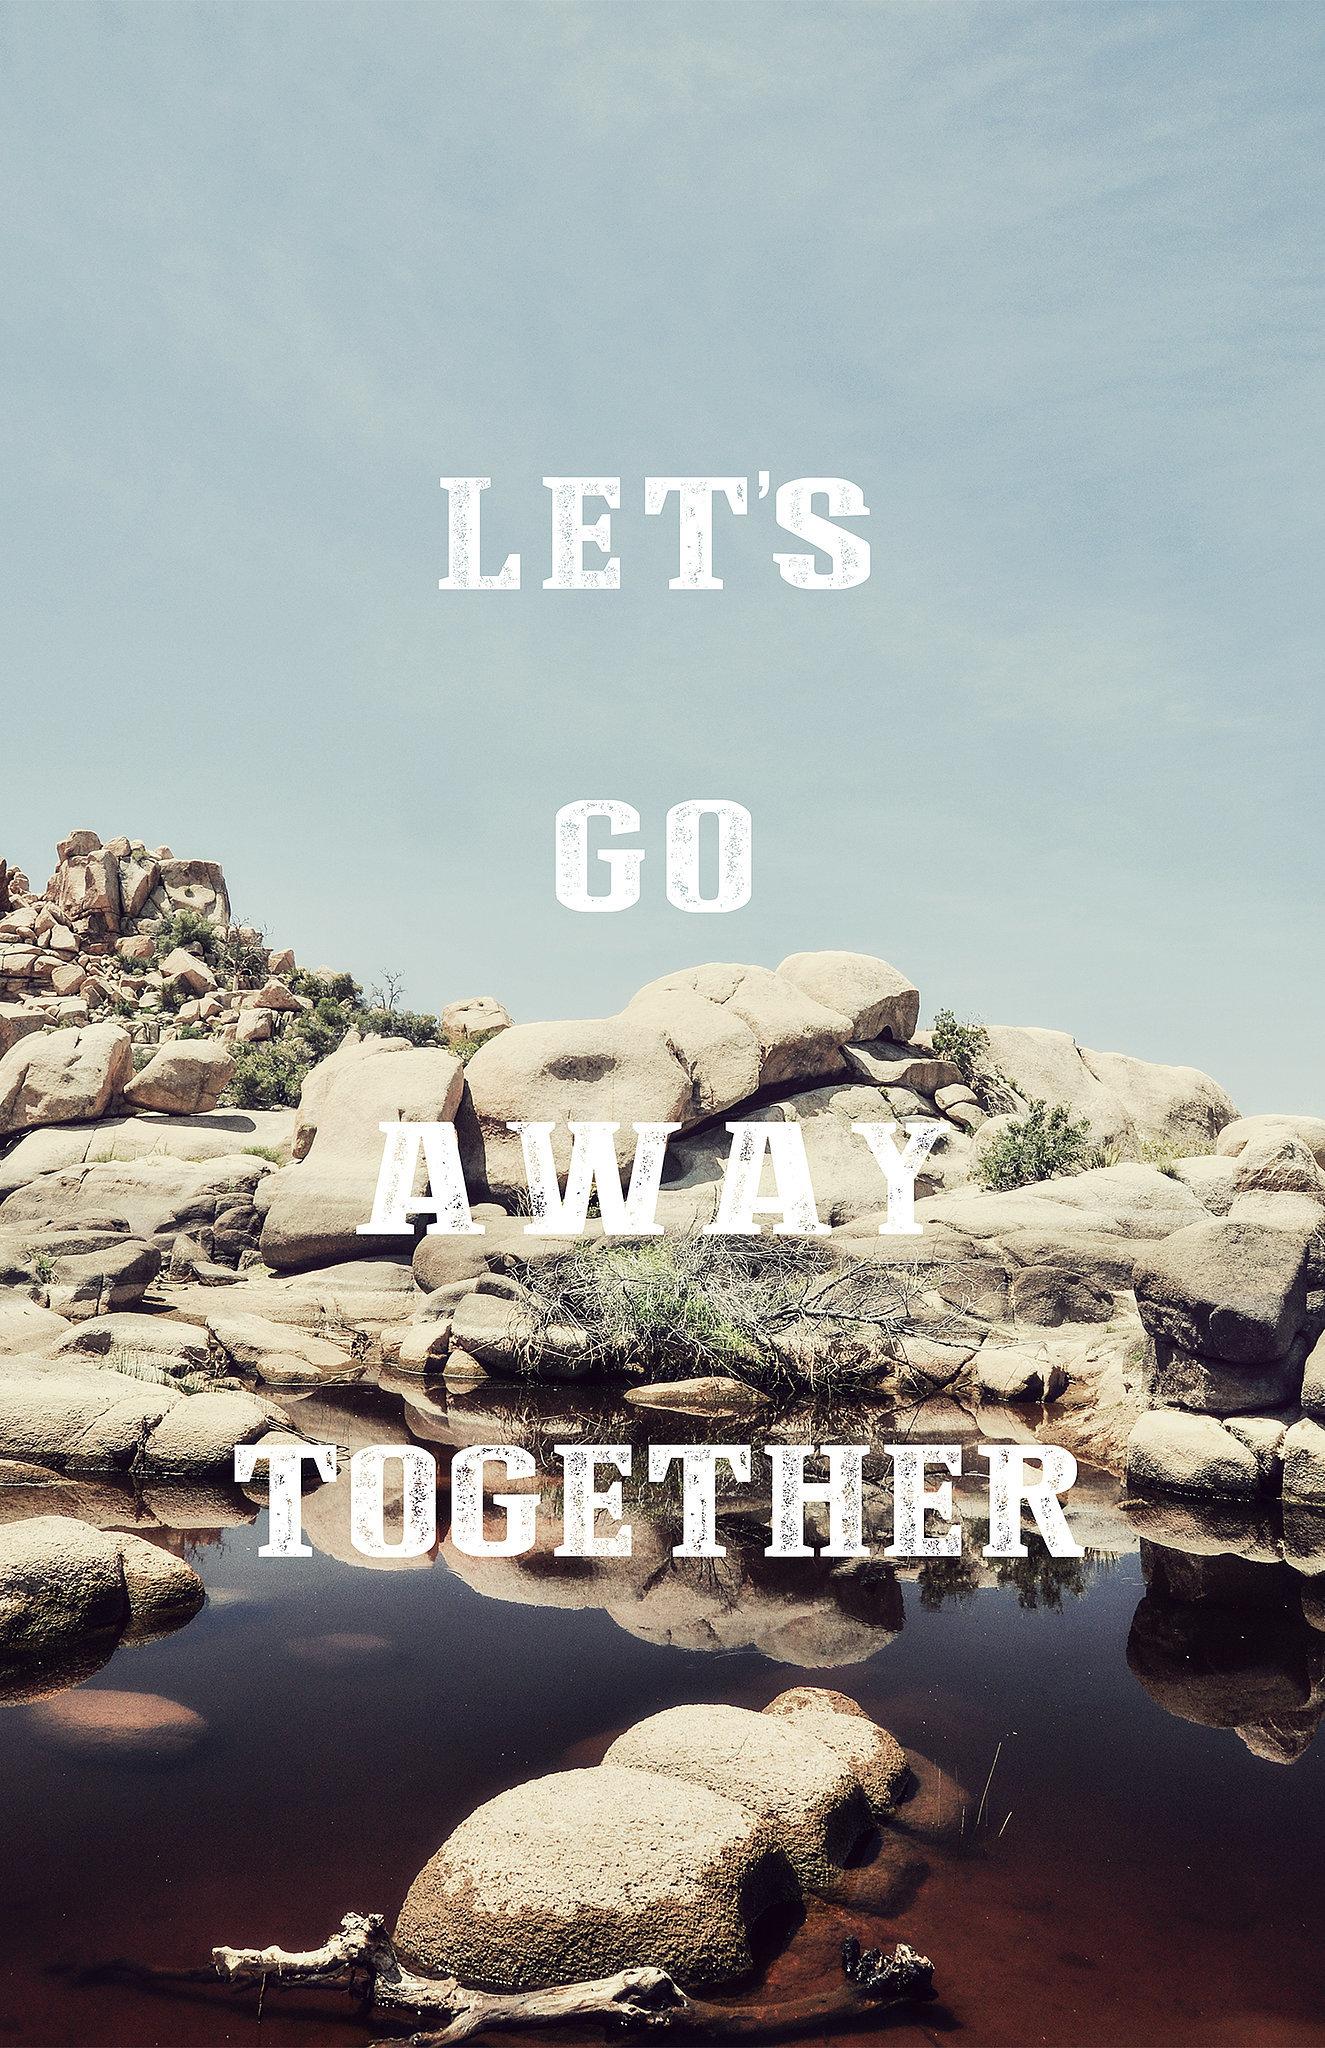 Let's Go Away Together ($15-$40)